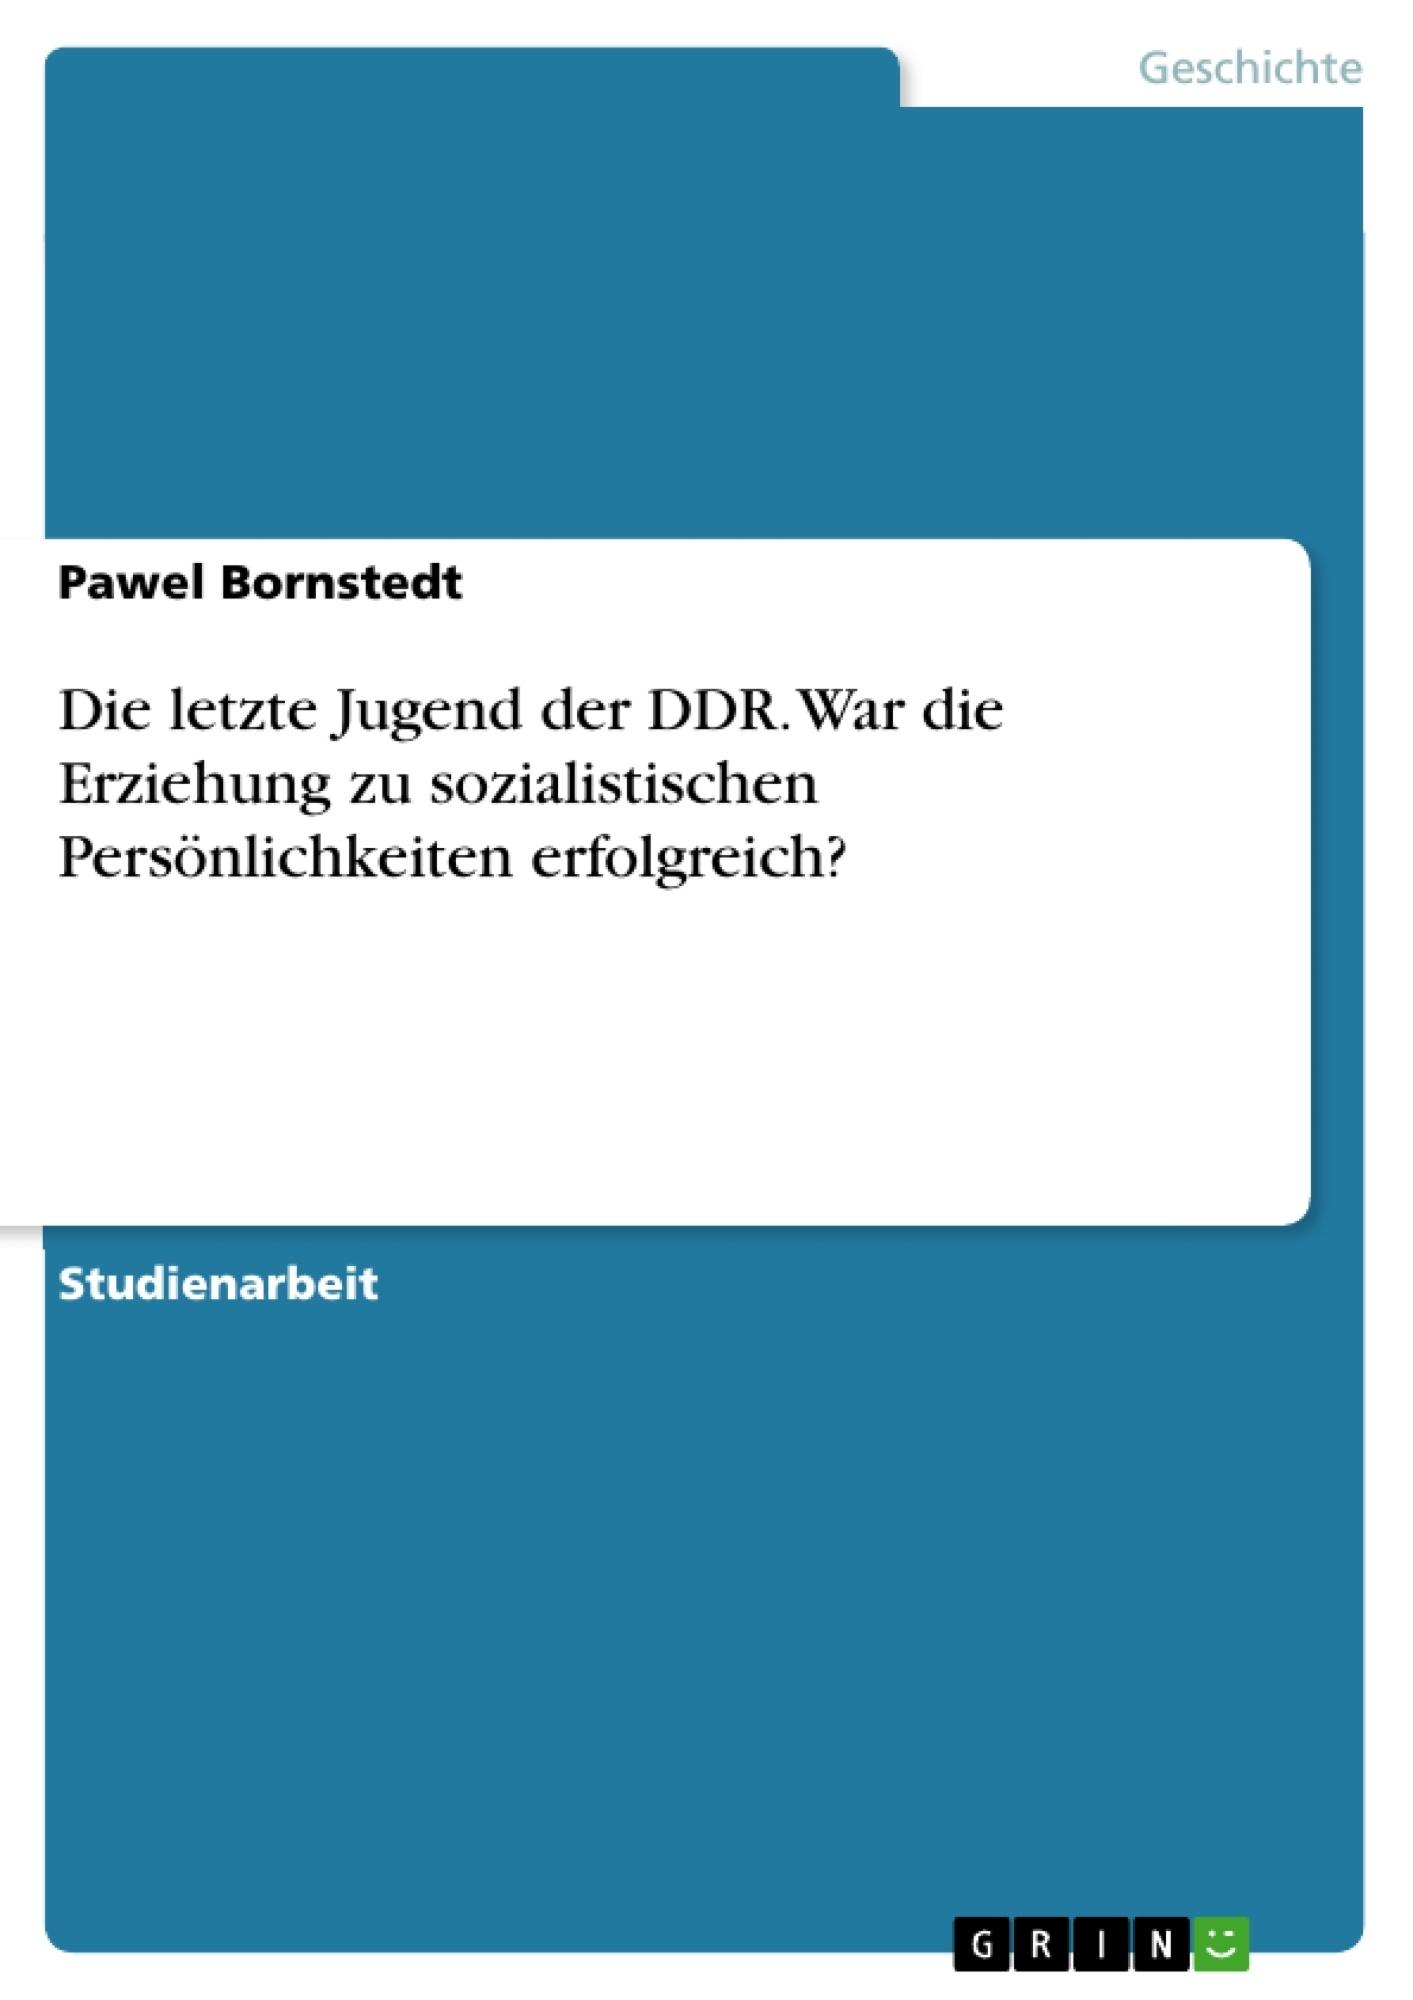 Titel: Die letzte Jugend der DDR. War die Erziehung zu sozialistischen Persönlichkeiten erfolgreich?